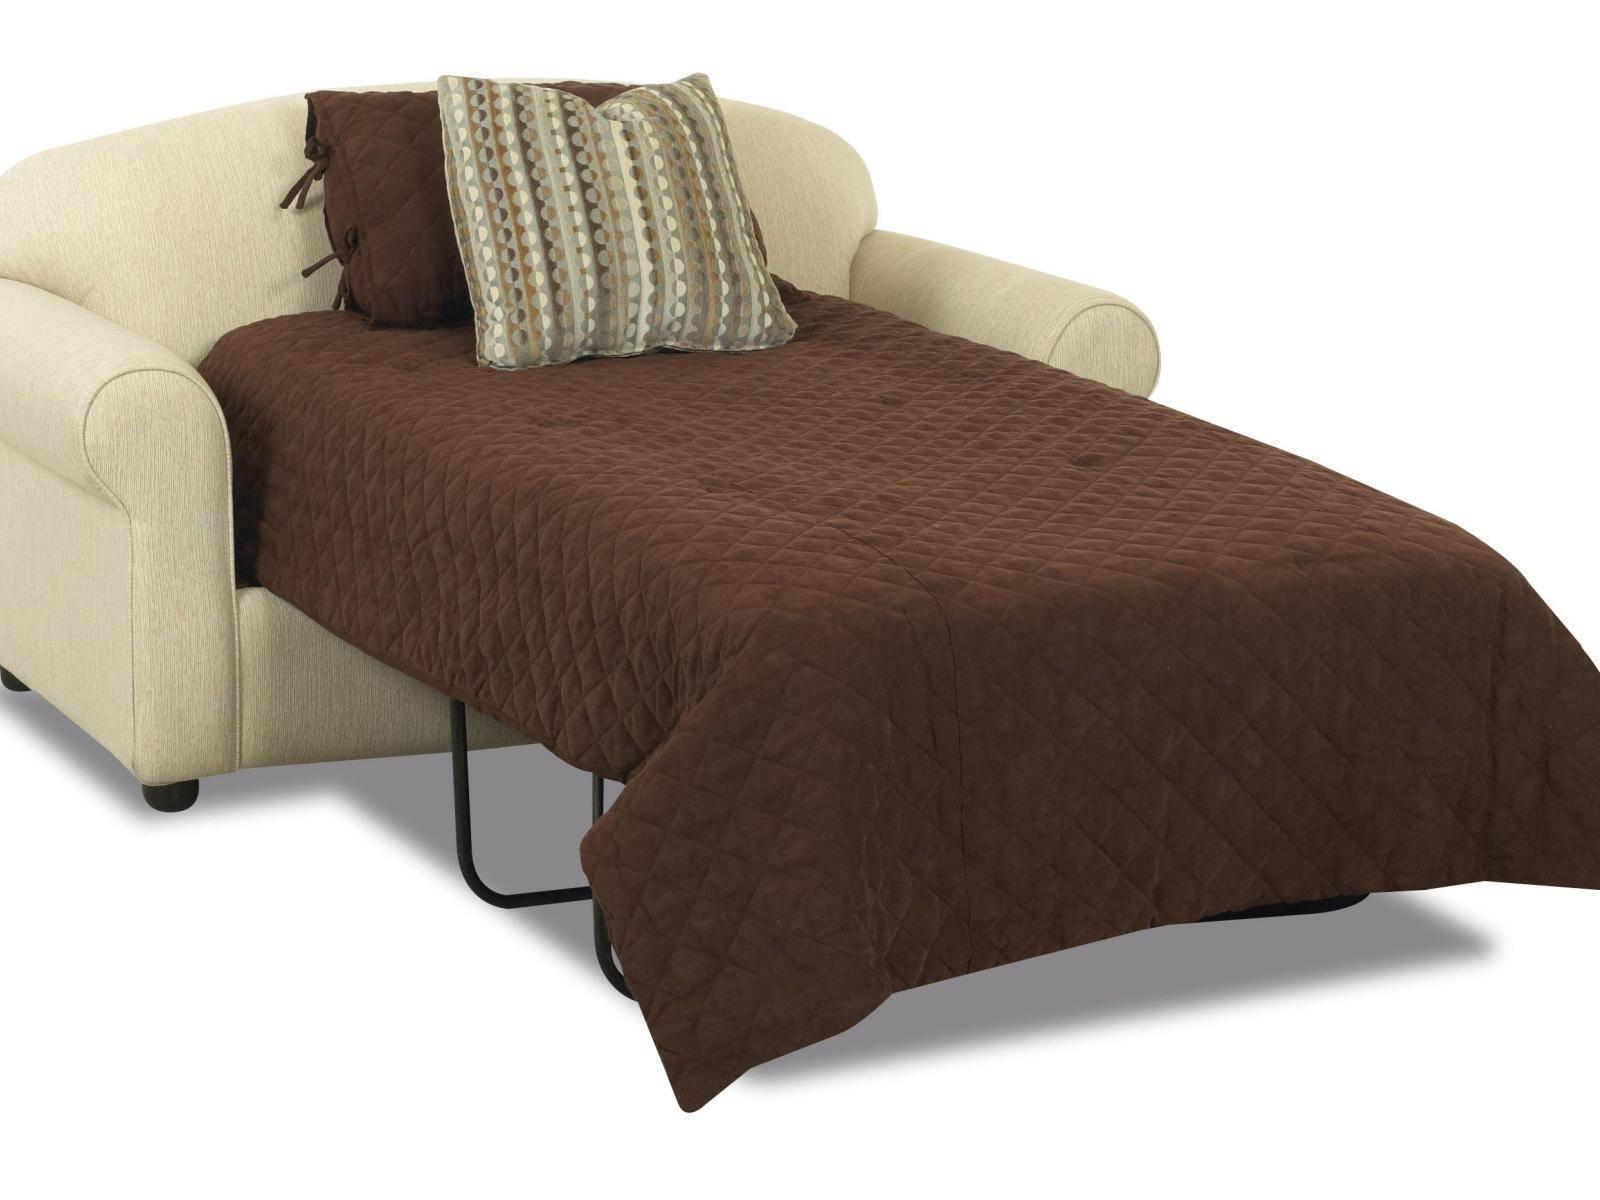 ☆▻ Sofa : 27 Loveseat Sleeper Sofa Bed Homezanin with regard to Ikea Loveseat Sleeper Sofas (Image 30 of 30)